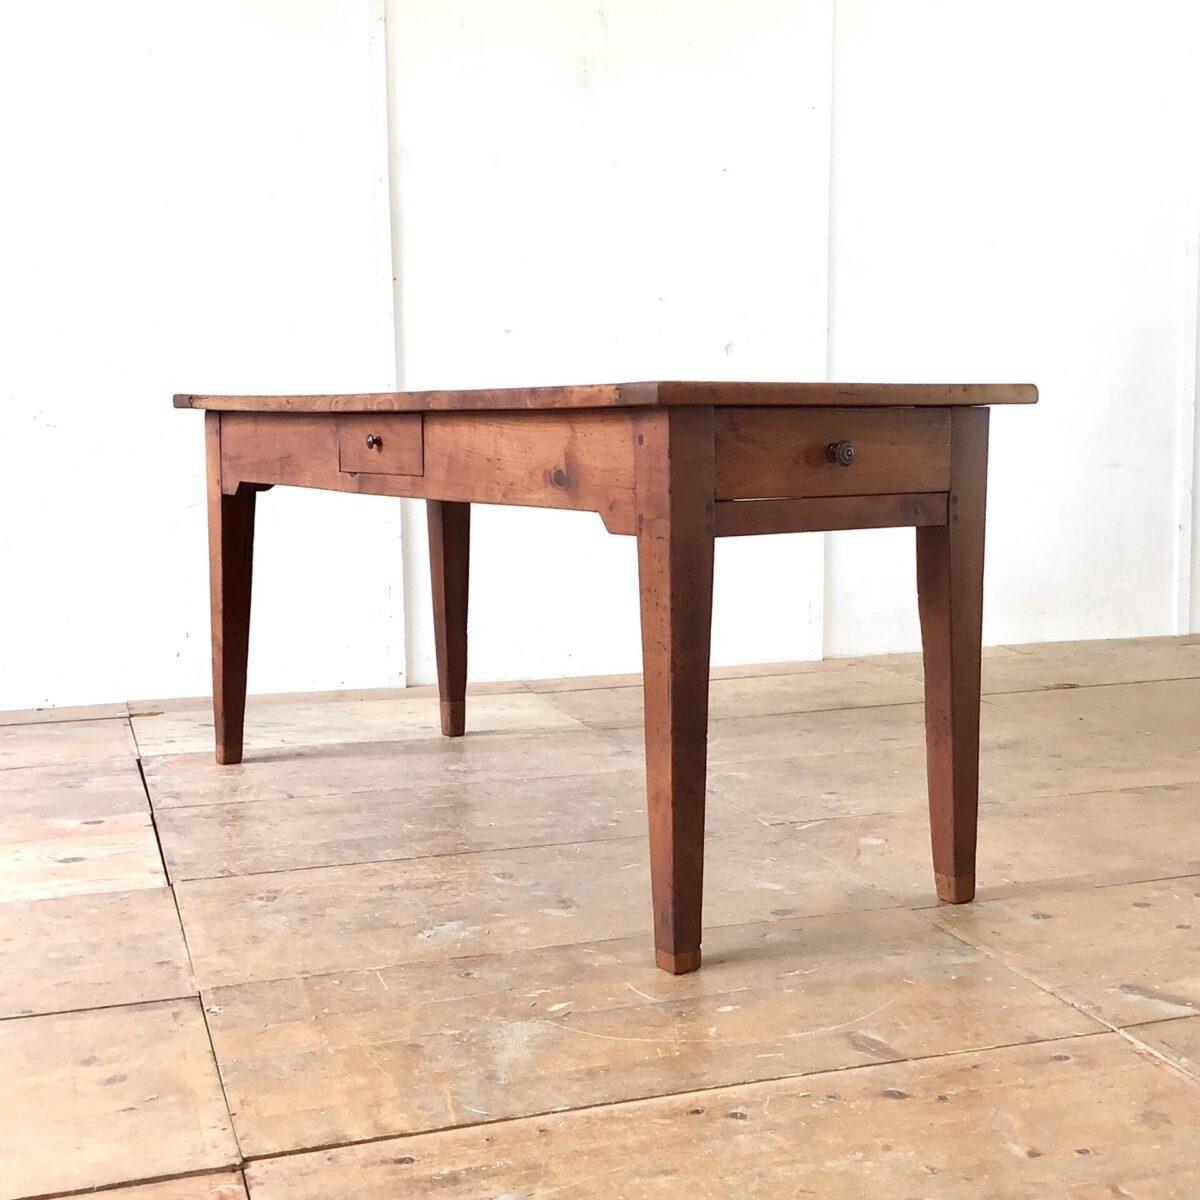 Deuxieme.shop Alter französischer Kirschbaumtisch mit zwei Besteck Schubladen. 171x68cm Höhe 76cm. Verlebtes altes Kirschbaum Vollholz mit Wurmlöchern, Schrammen, Beulen und Verfärbungen. Alters bedingte, leicht unebene Tischoberfläche. Der Tisch ist komplett geschliffen und geölt. Die gröbsten Ausgefressenen Stellen haben wir mit Kirschbaum Stirnholz gefüllt. Solch altes Kirschbaumholz hat eine sehr intensive rötliche Farbe. Tischbeine wurden mal etwas angesetzt, und die Zargen etwas gestutzt um die nötige Beinfreiheit zu gewährleisten.